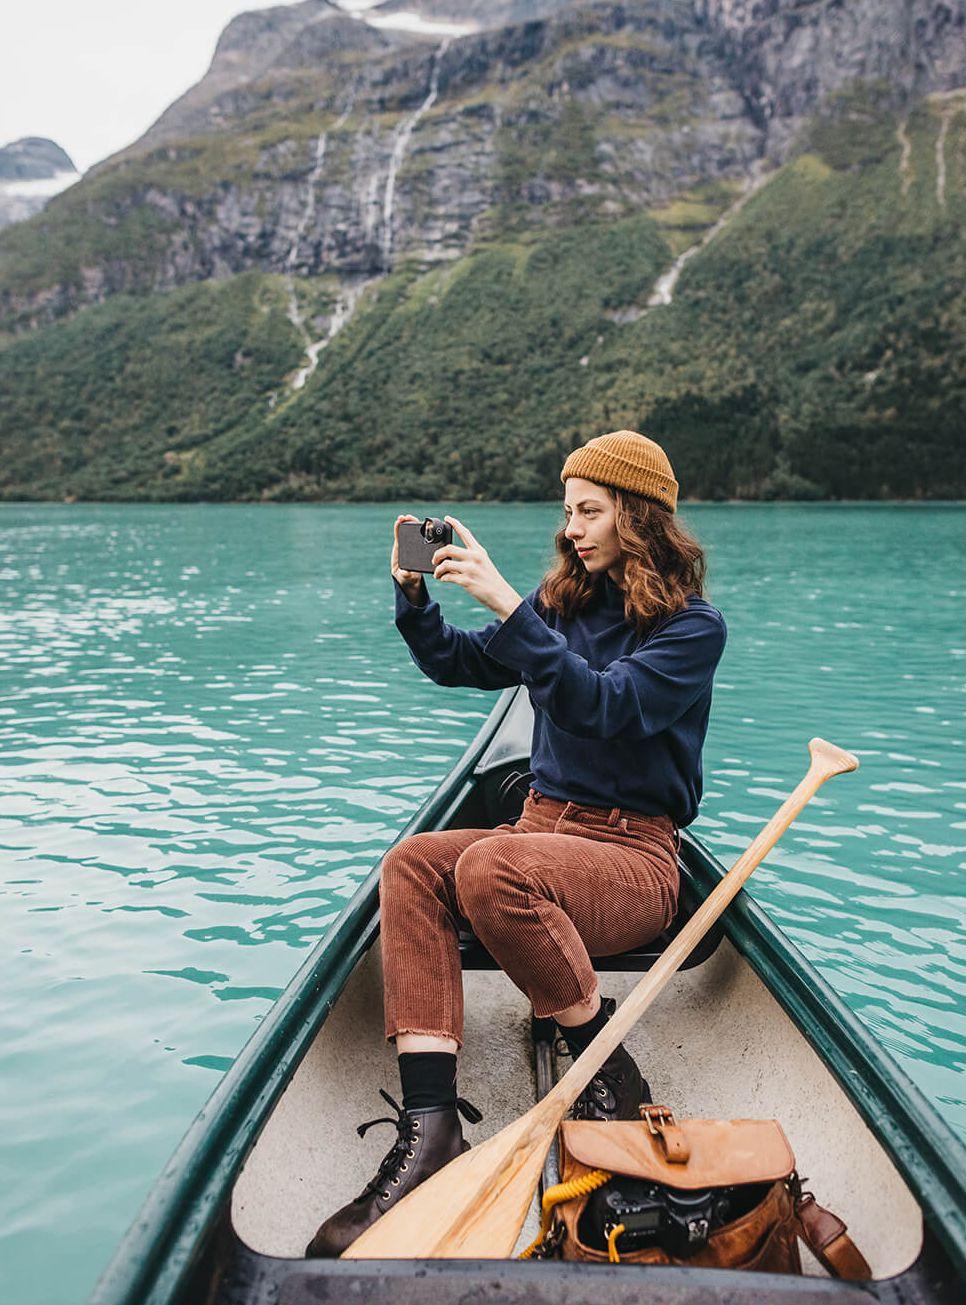 girl sitting in kayak taking photo of lake view on iphone